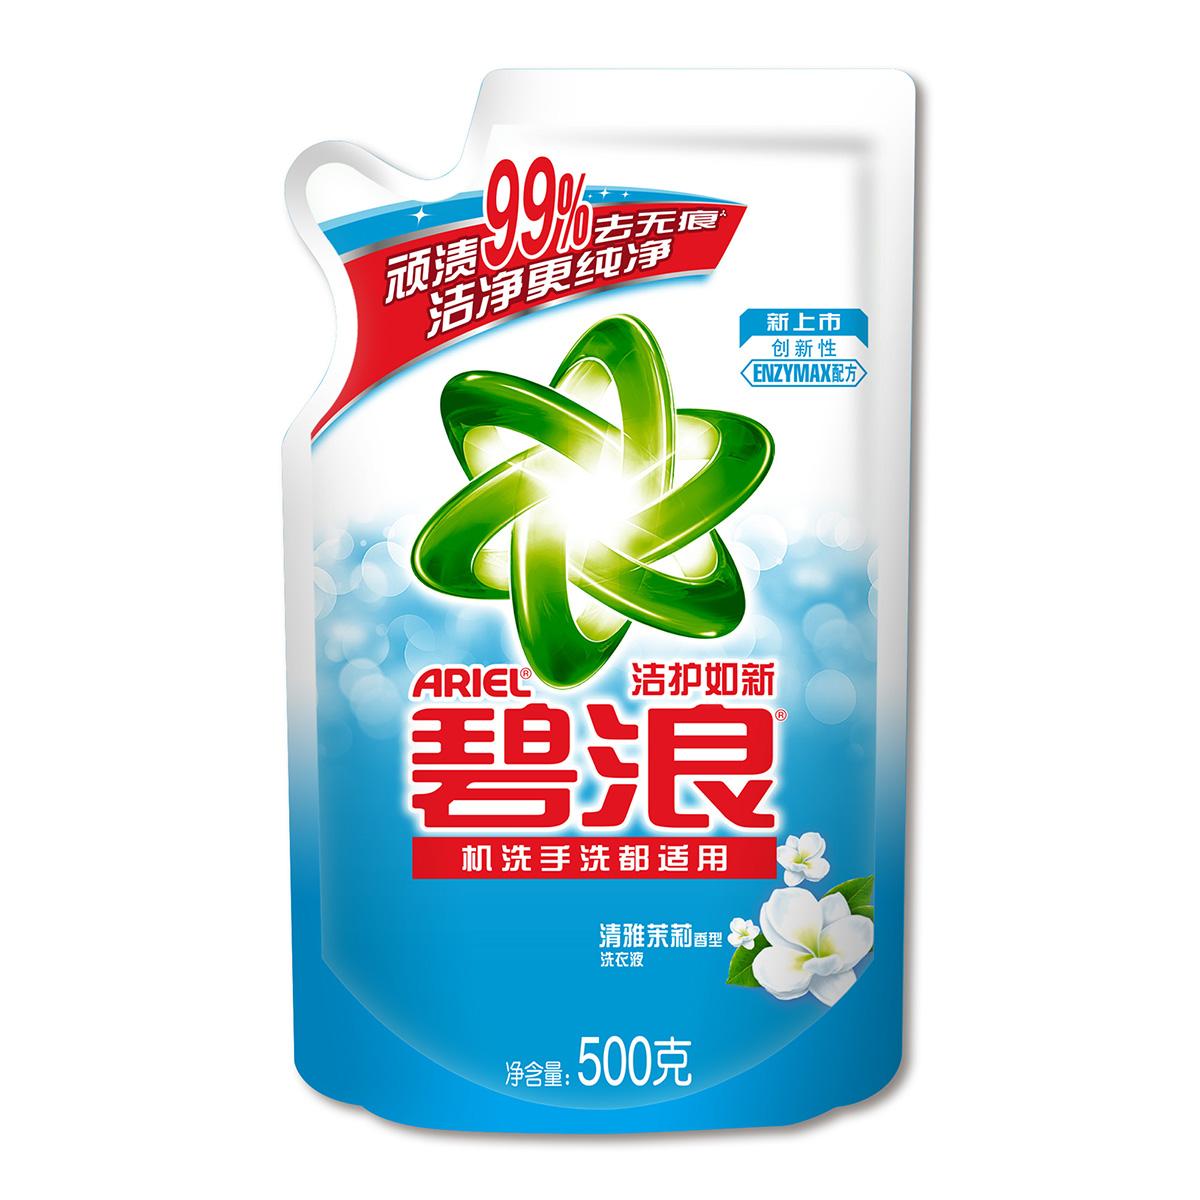 ~天貓超市~碧浪 洗衣液潔護如新高濃度清雅茉莉香型500g 袋裝